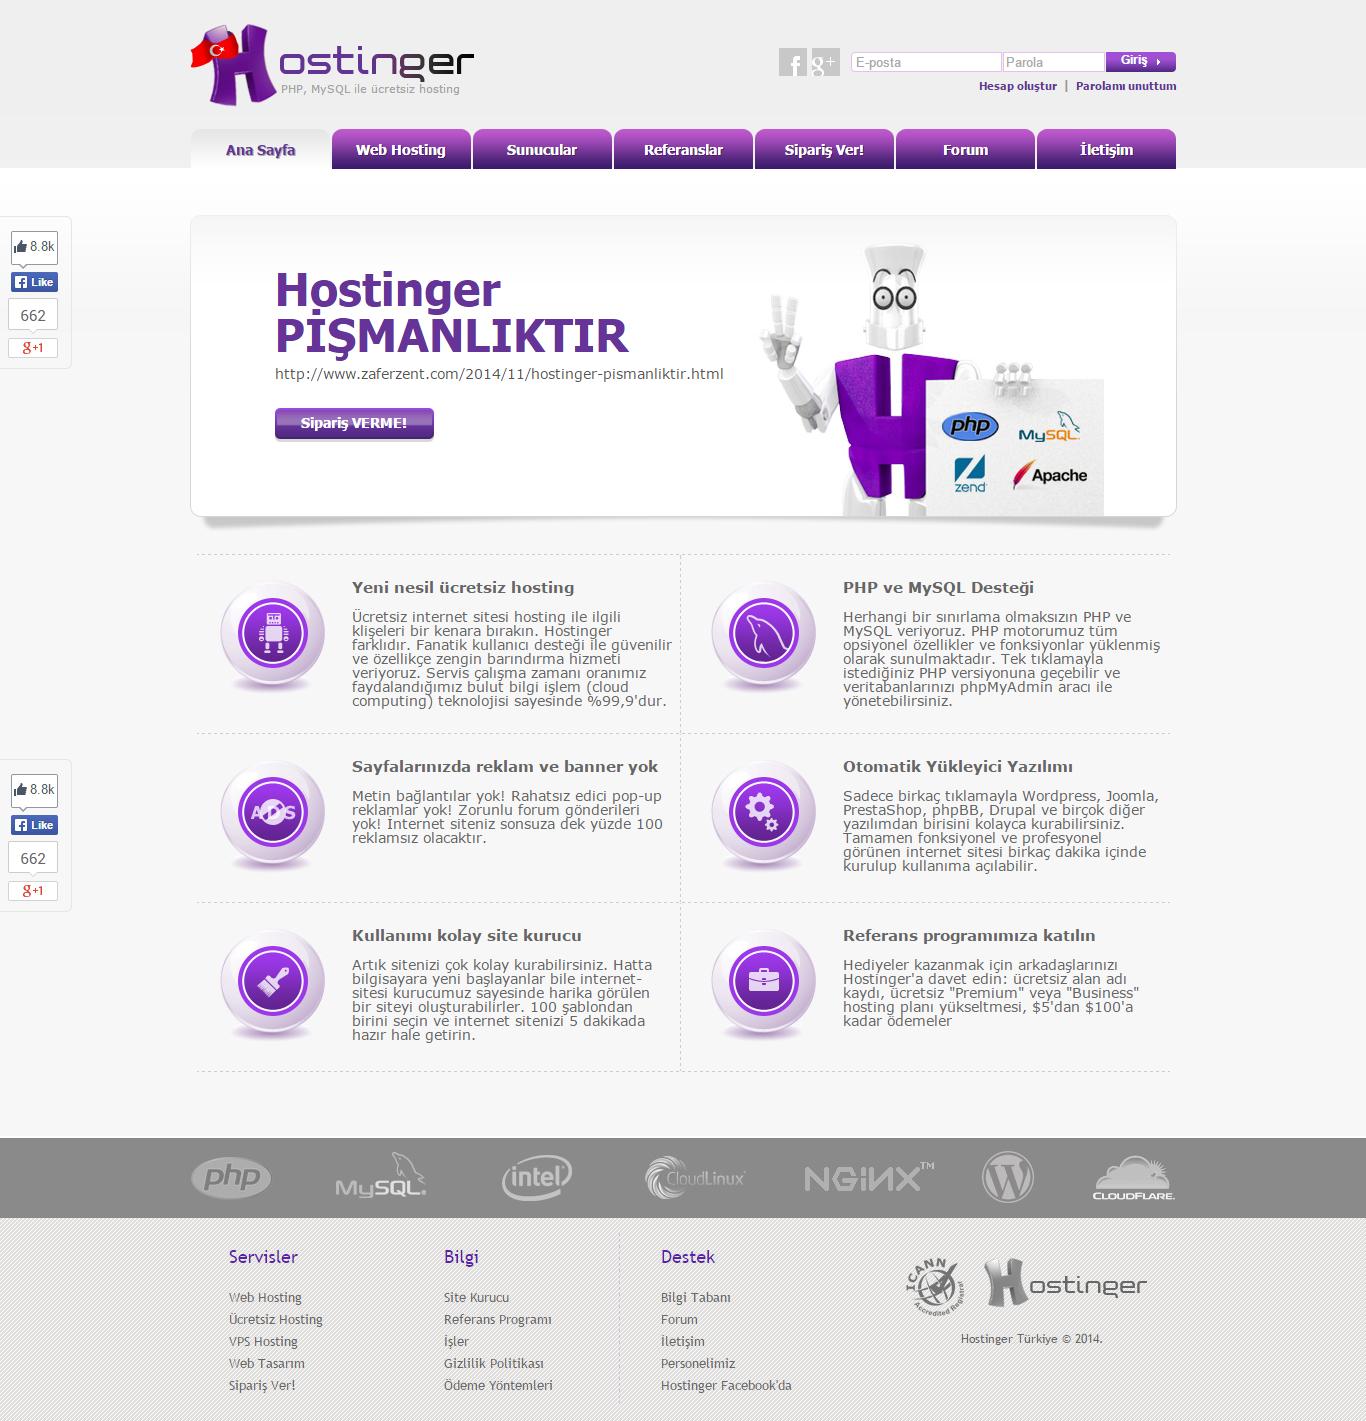 Ücretsiz Hosting Sağlayıcısı Hostinger Pişmanlıktır